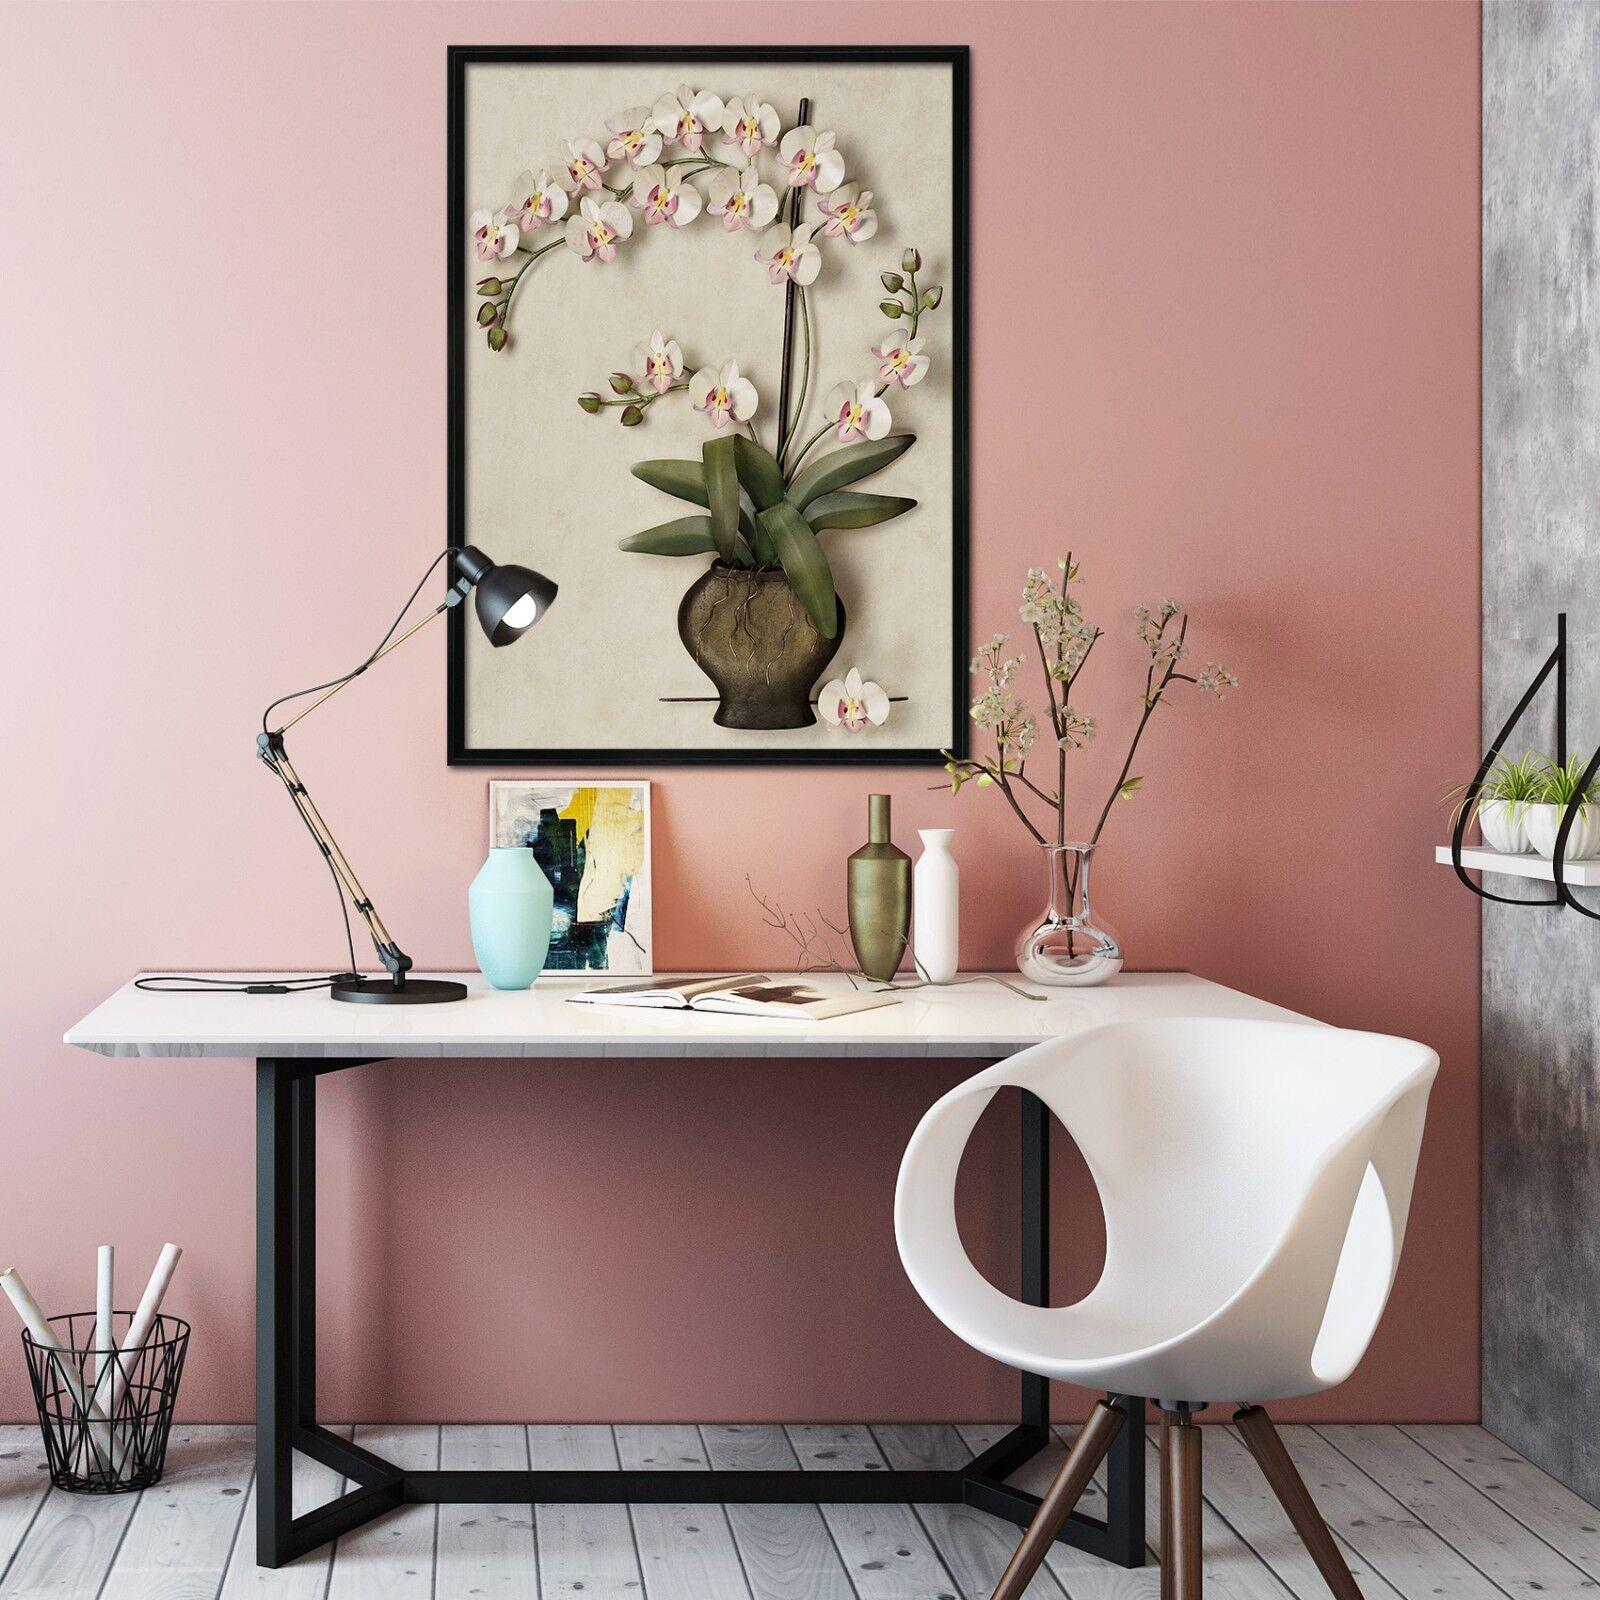 Cartel enmarcado 3D Phalaenopsis Florero 2 Decoración del Hogar Pintura de Impresión Arte AJ Wallpaper